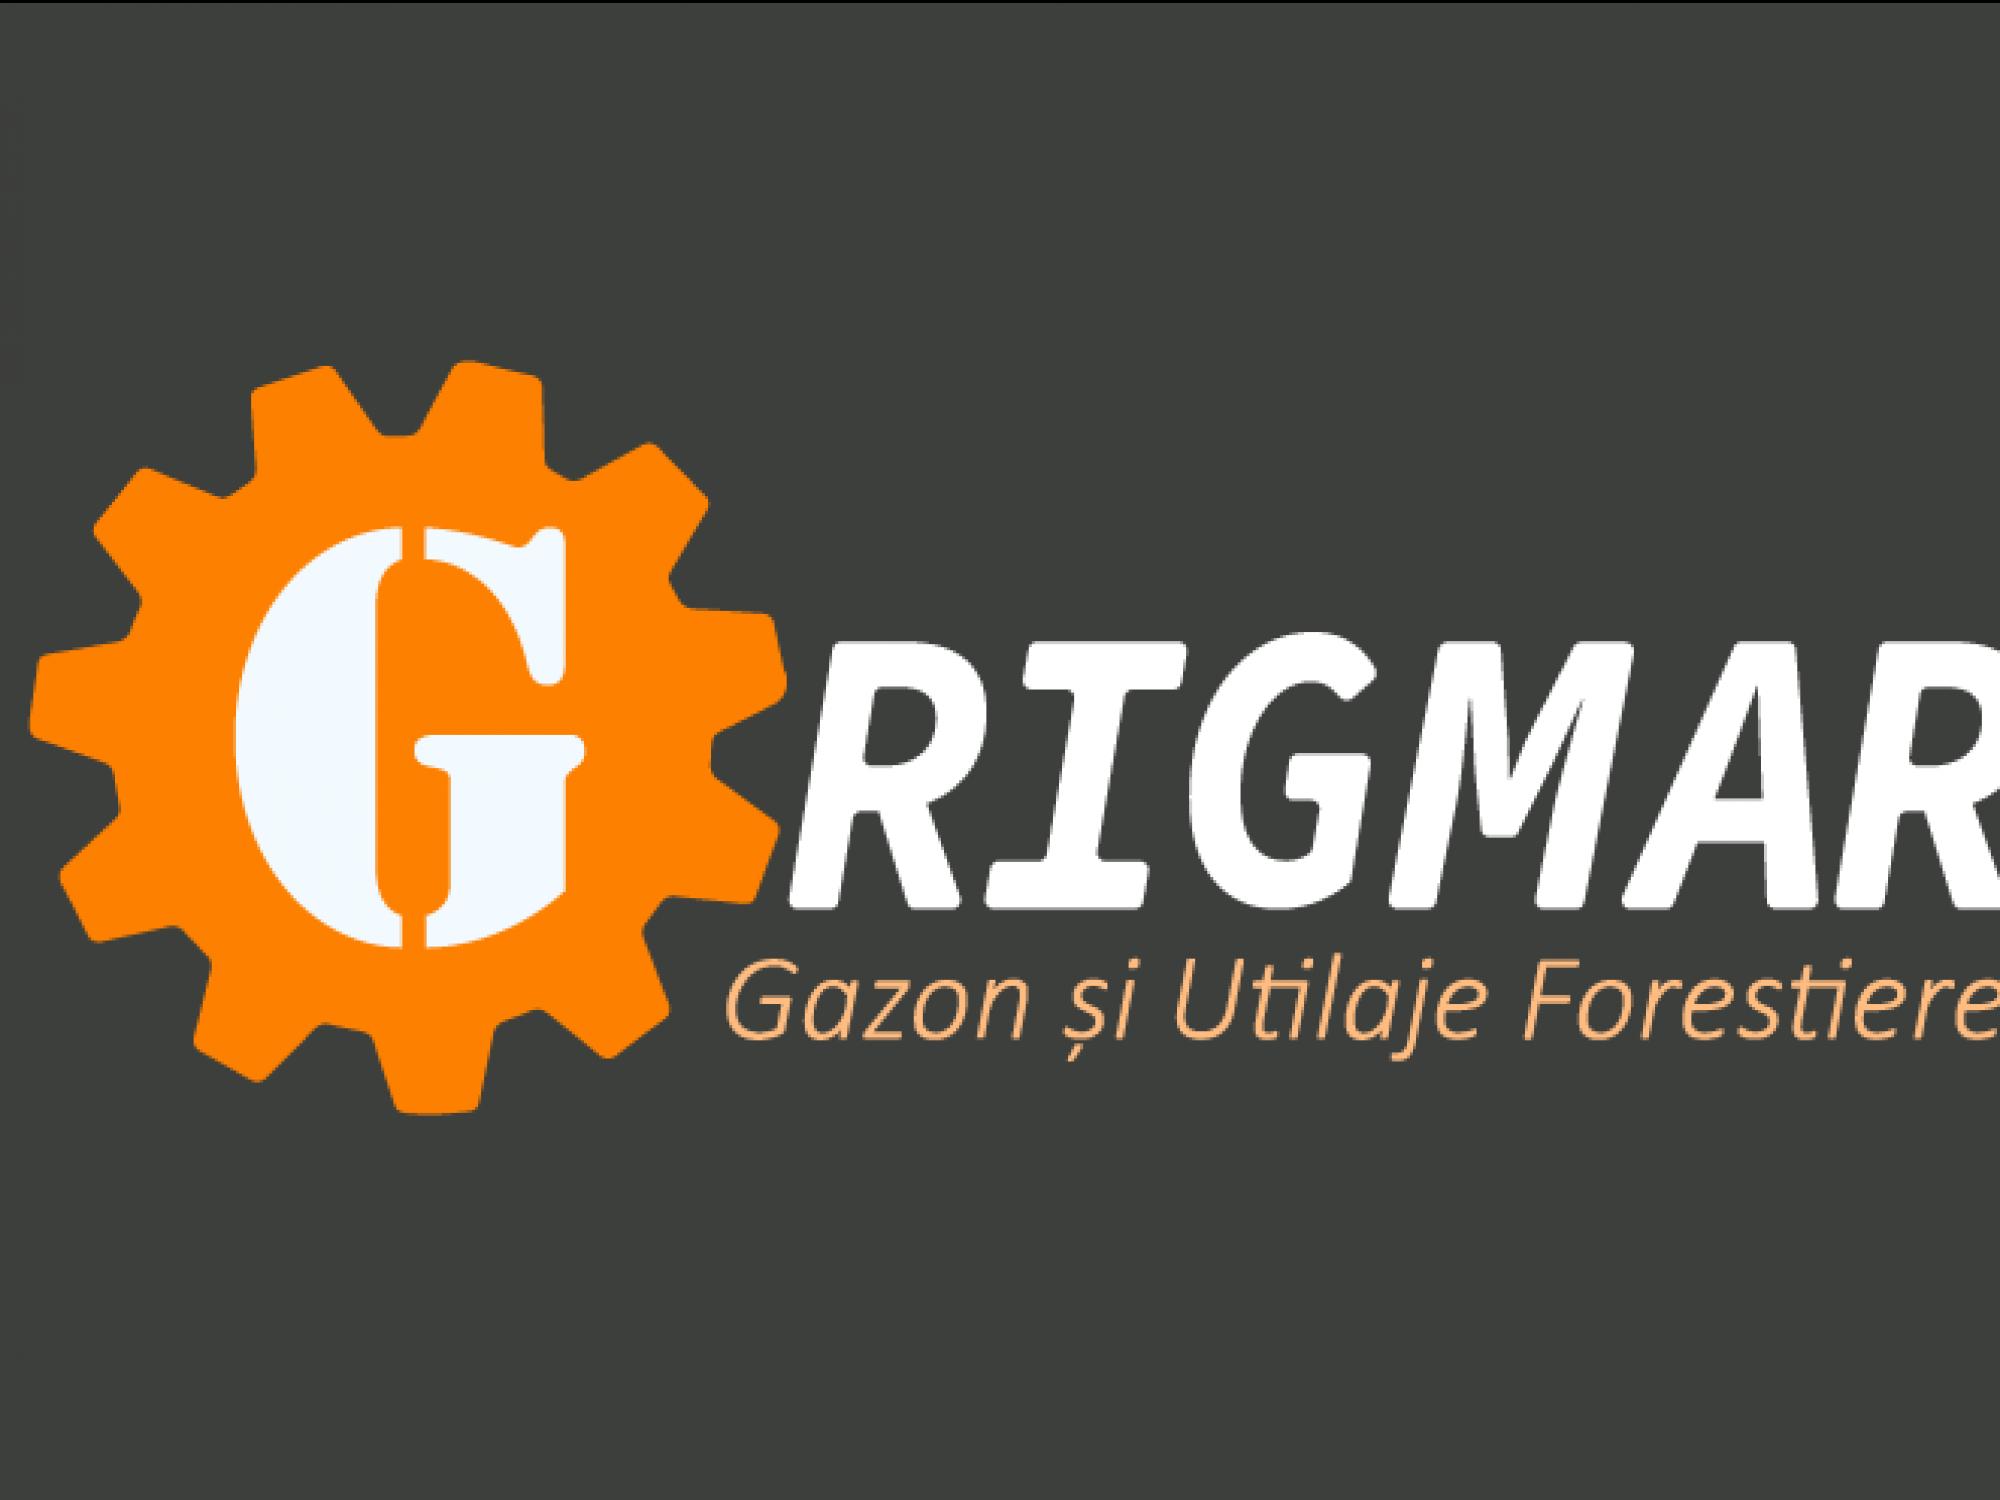 Grigmar Logo